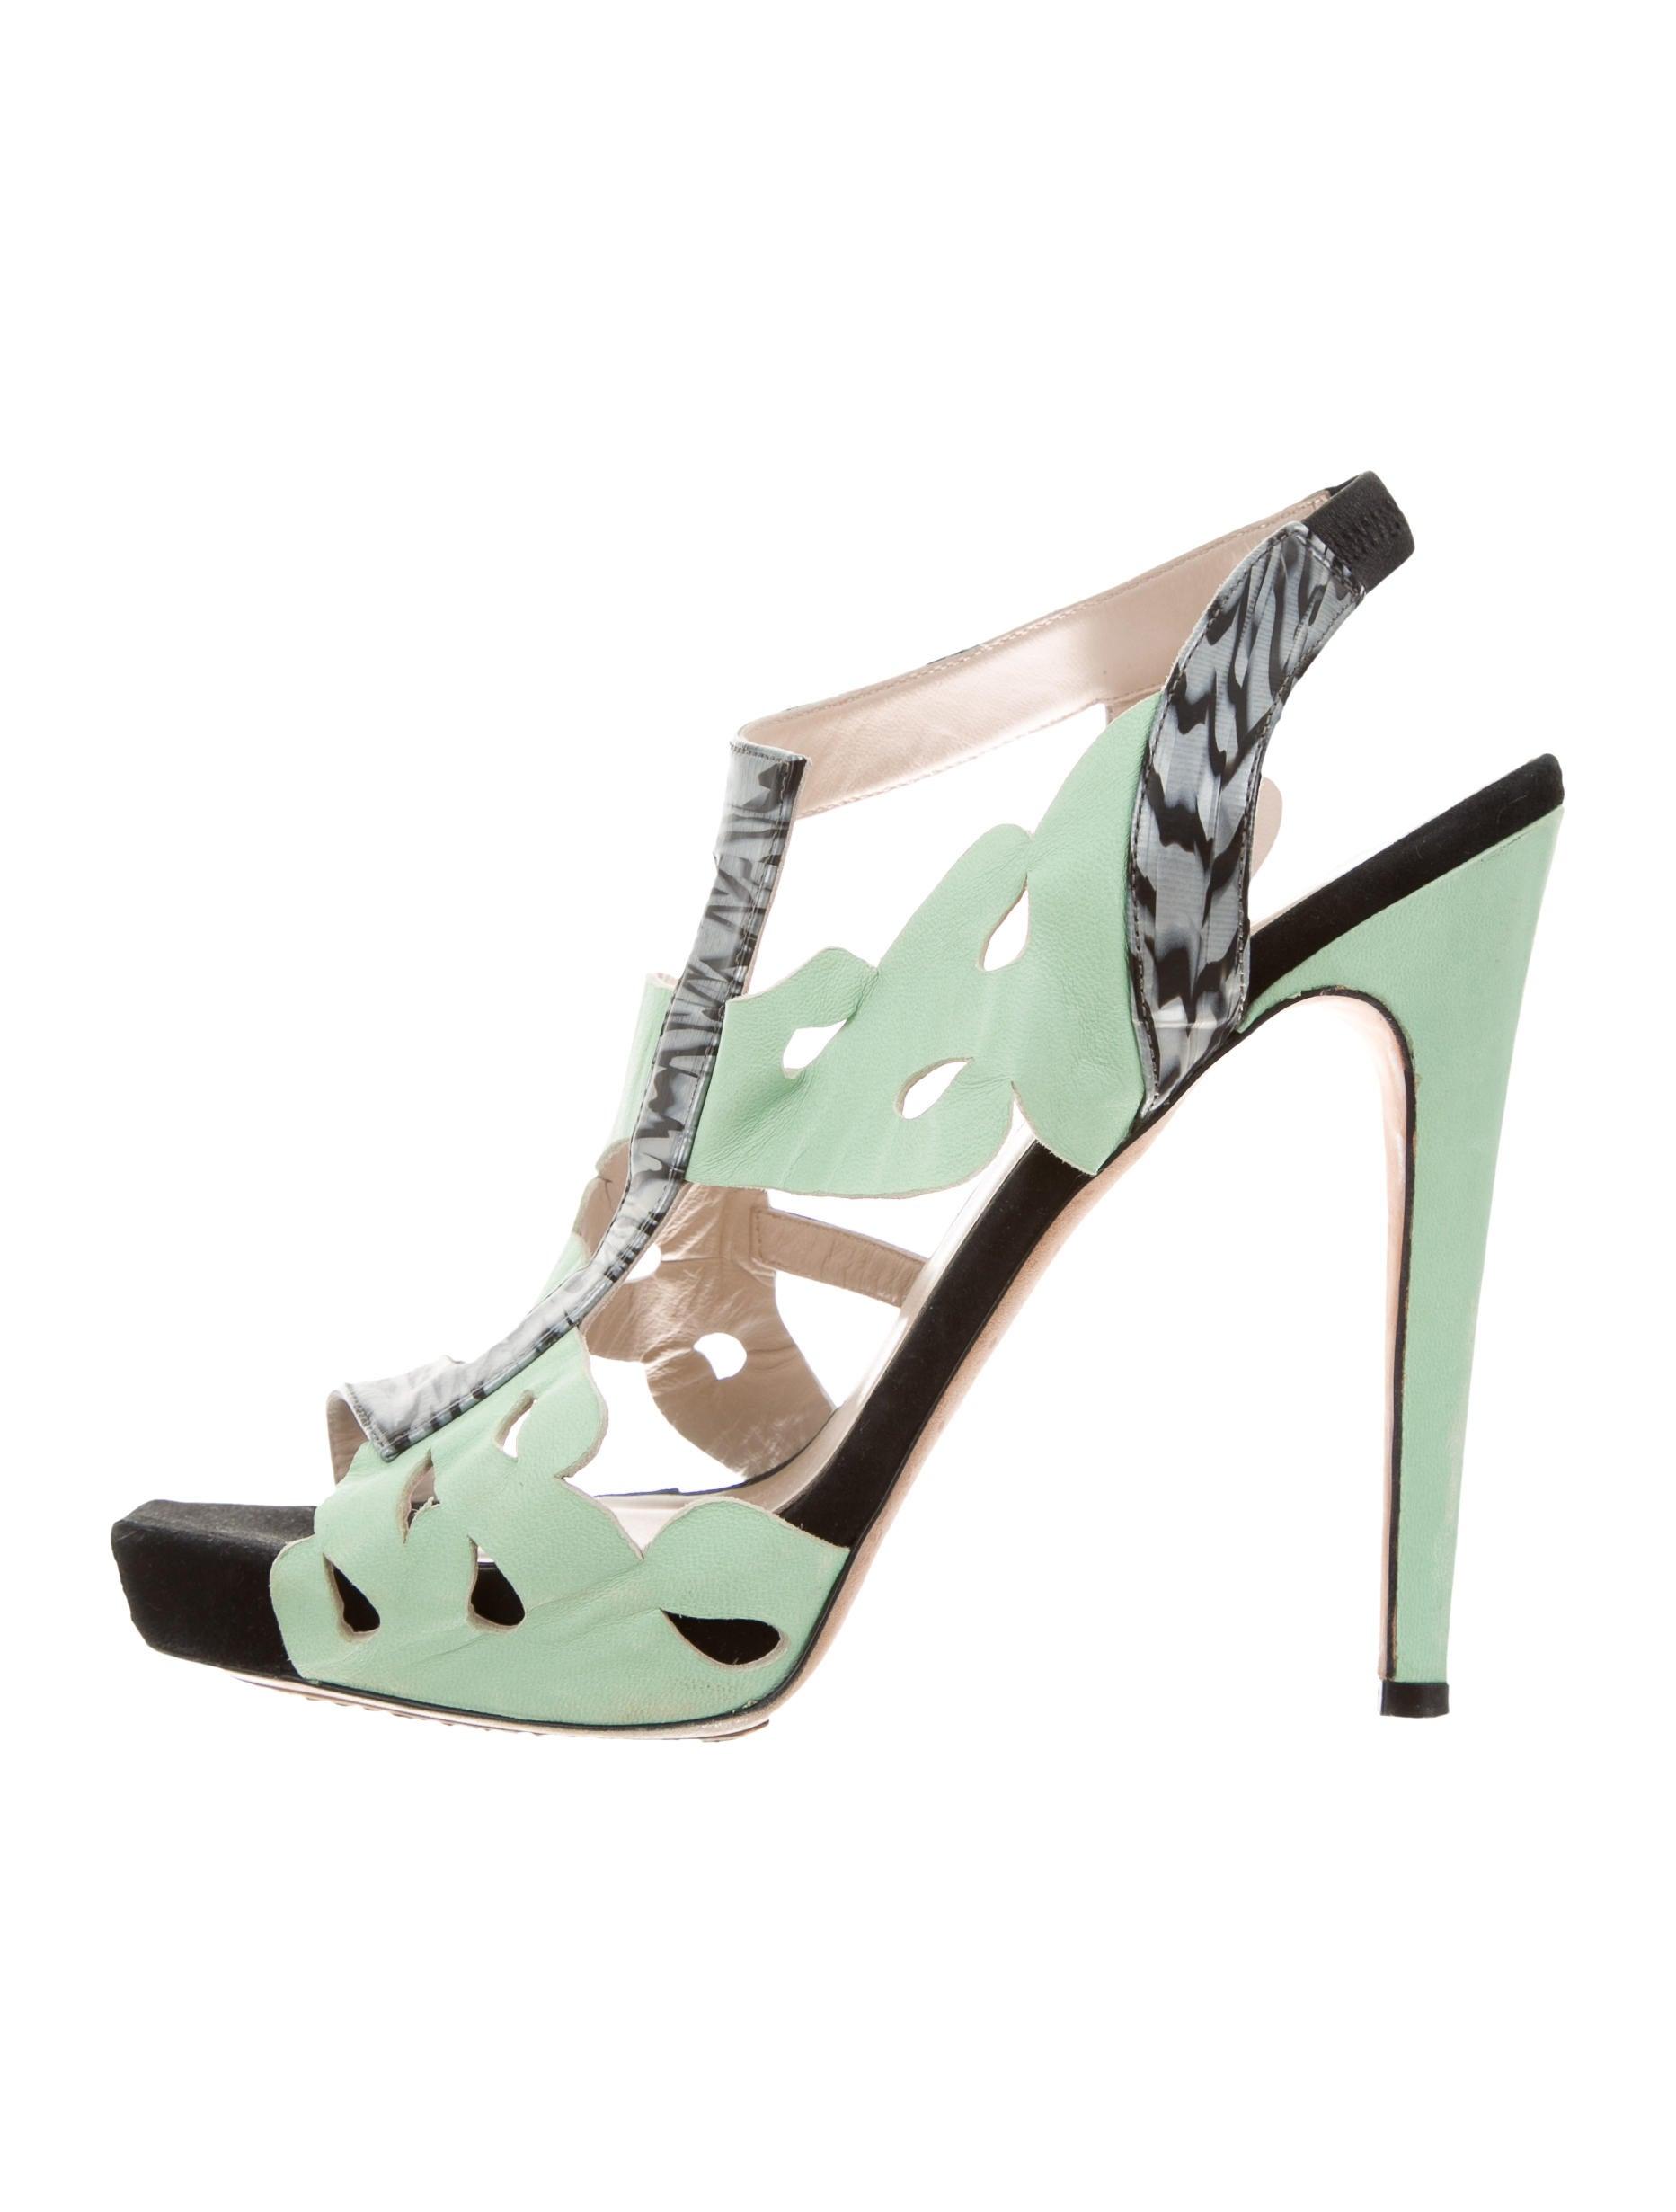 purchase online Aperlai Laser Cut Platform Sandals get authentic 0va3vDy5E